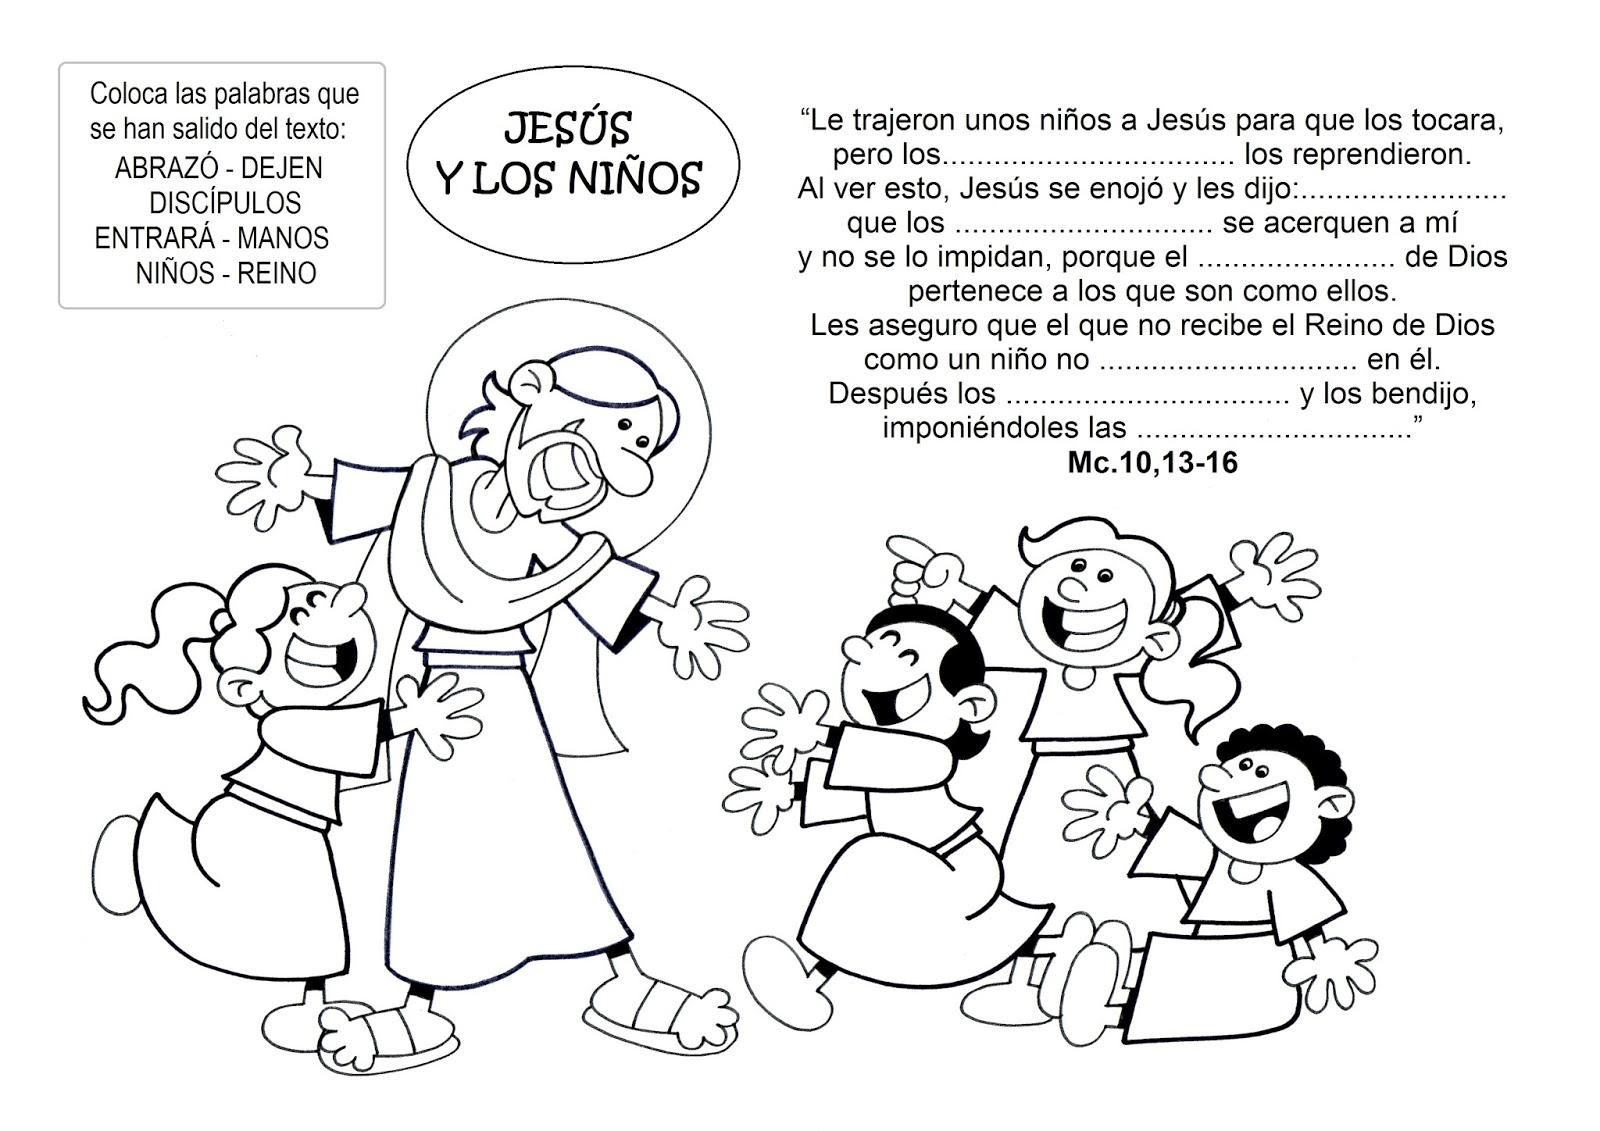 La Catequesis (El Blog De Sandra): Dibujos Para Colorear